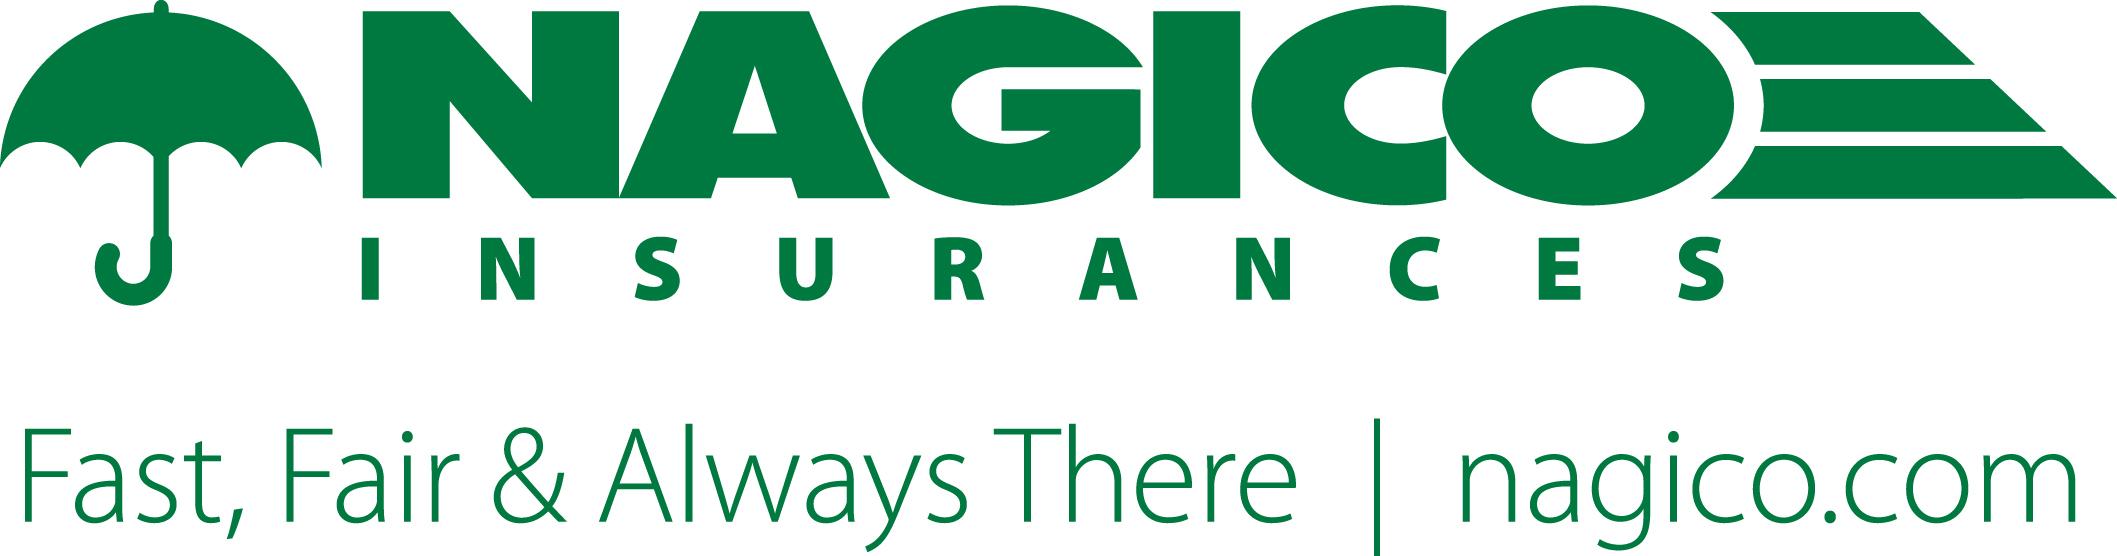 Logo-tag-URL-Green.jpg